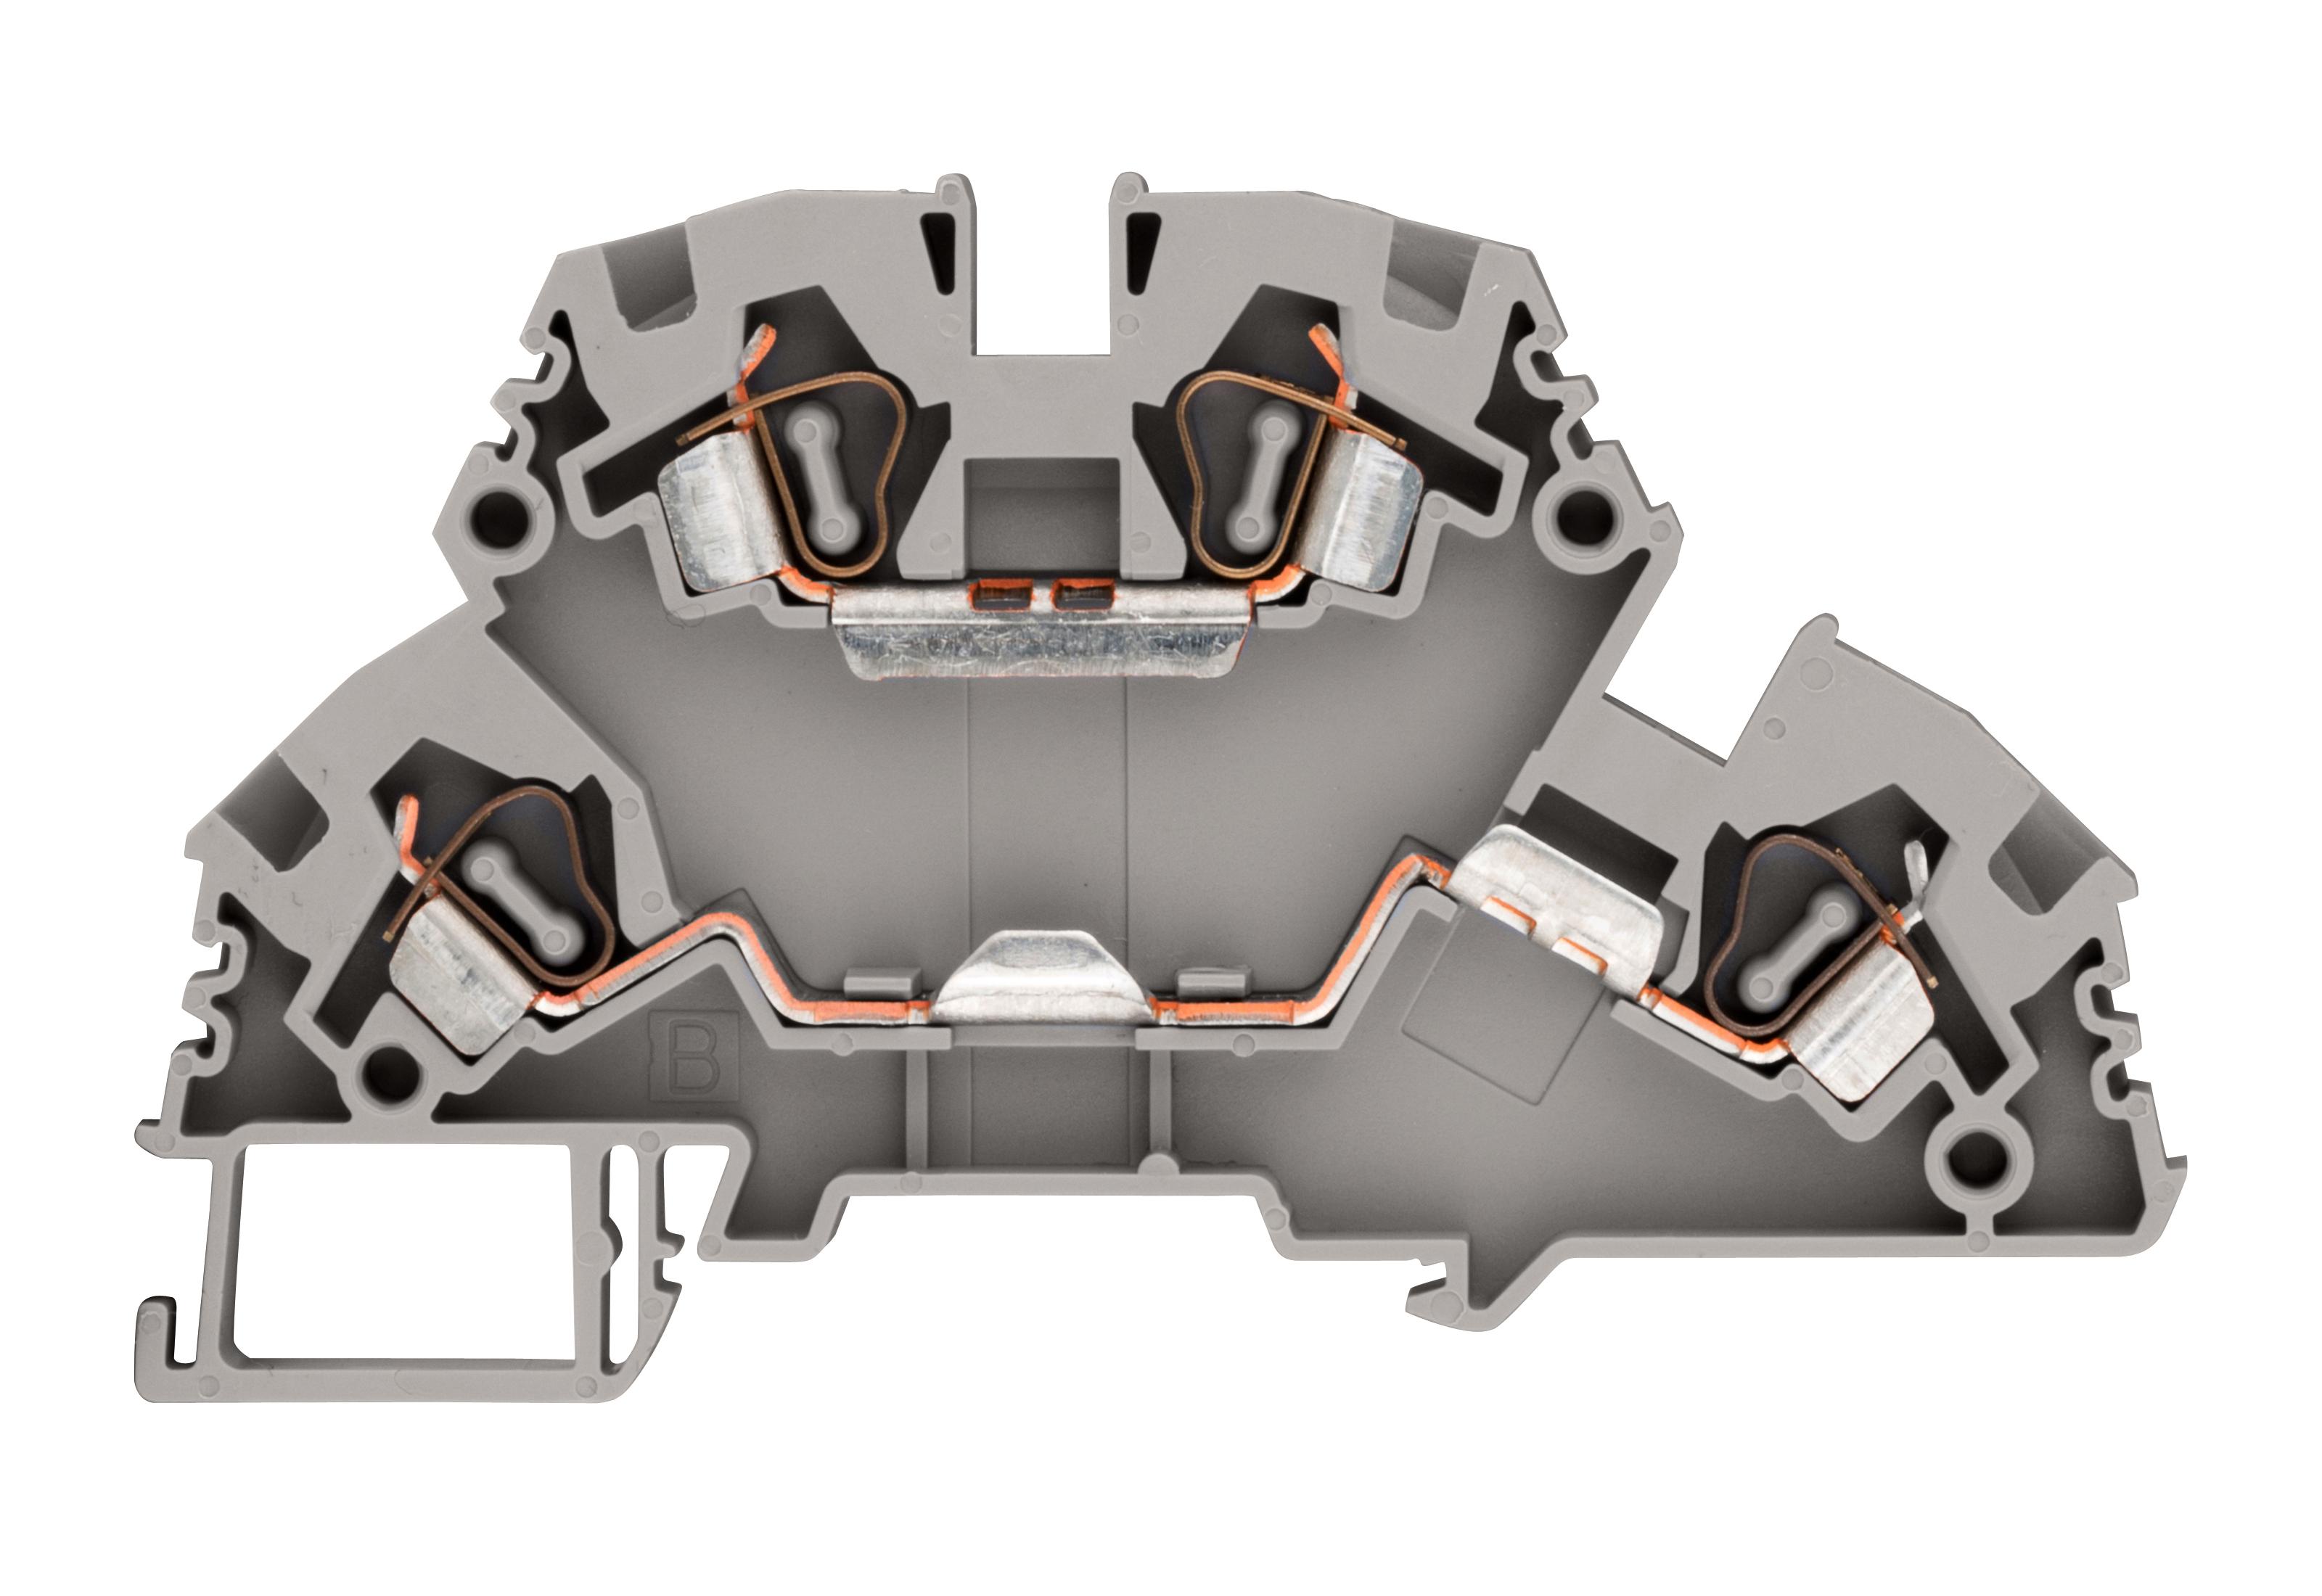 1 Stk Federkraft-Doppelstockklemme 4mm², Type YBK4-2F, grau IK660004--